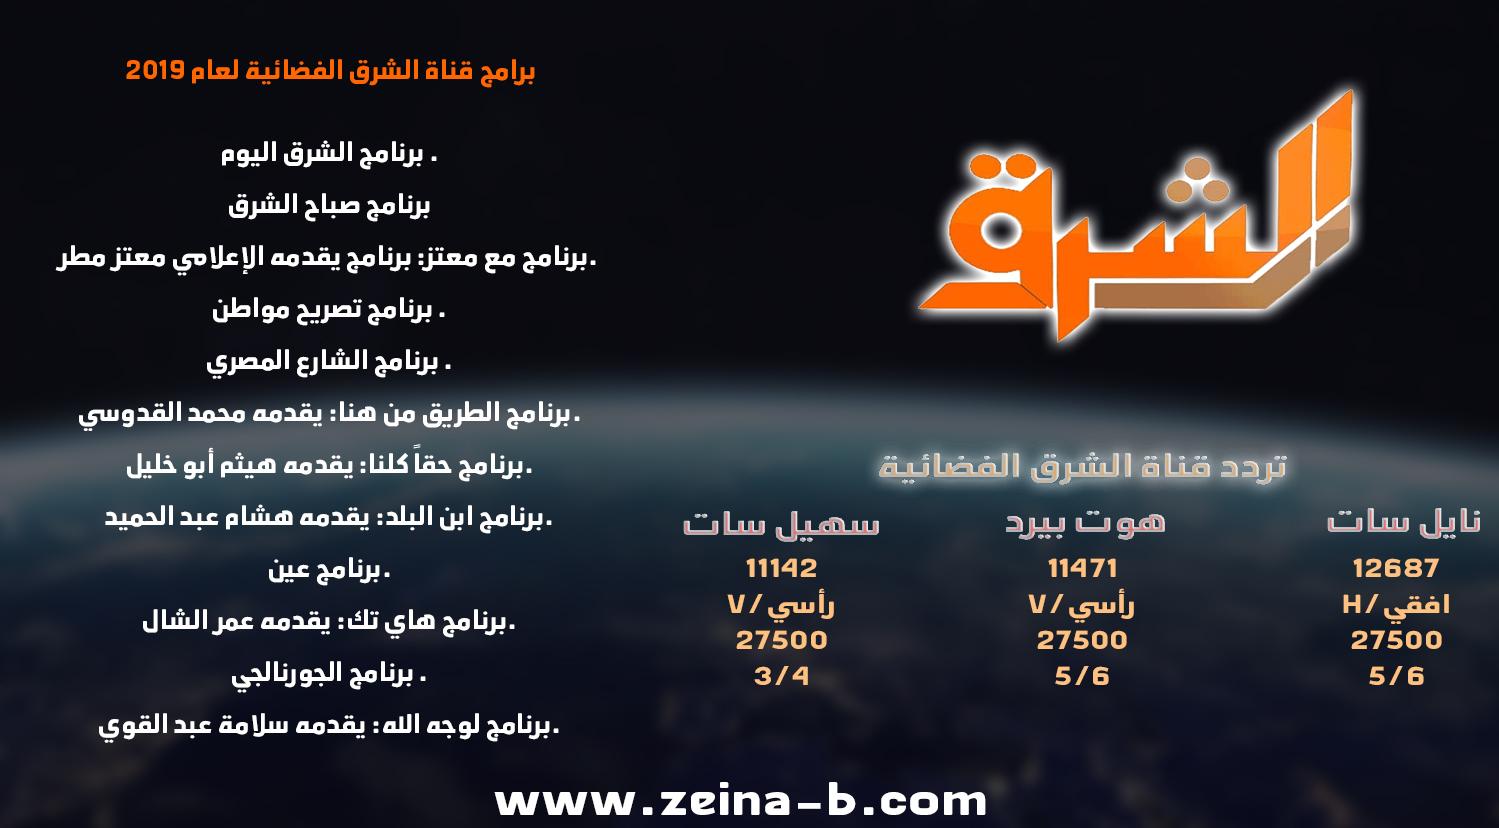 تردد قناة الشرق على النايل سات 2019 زينه